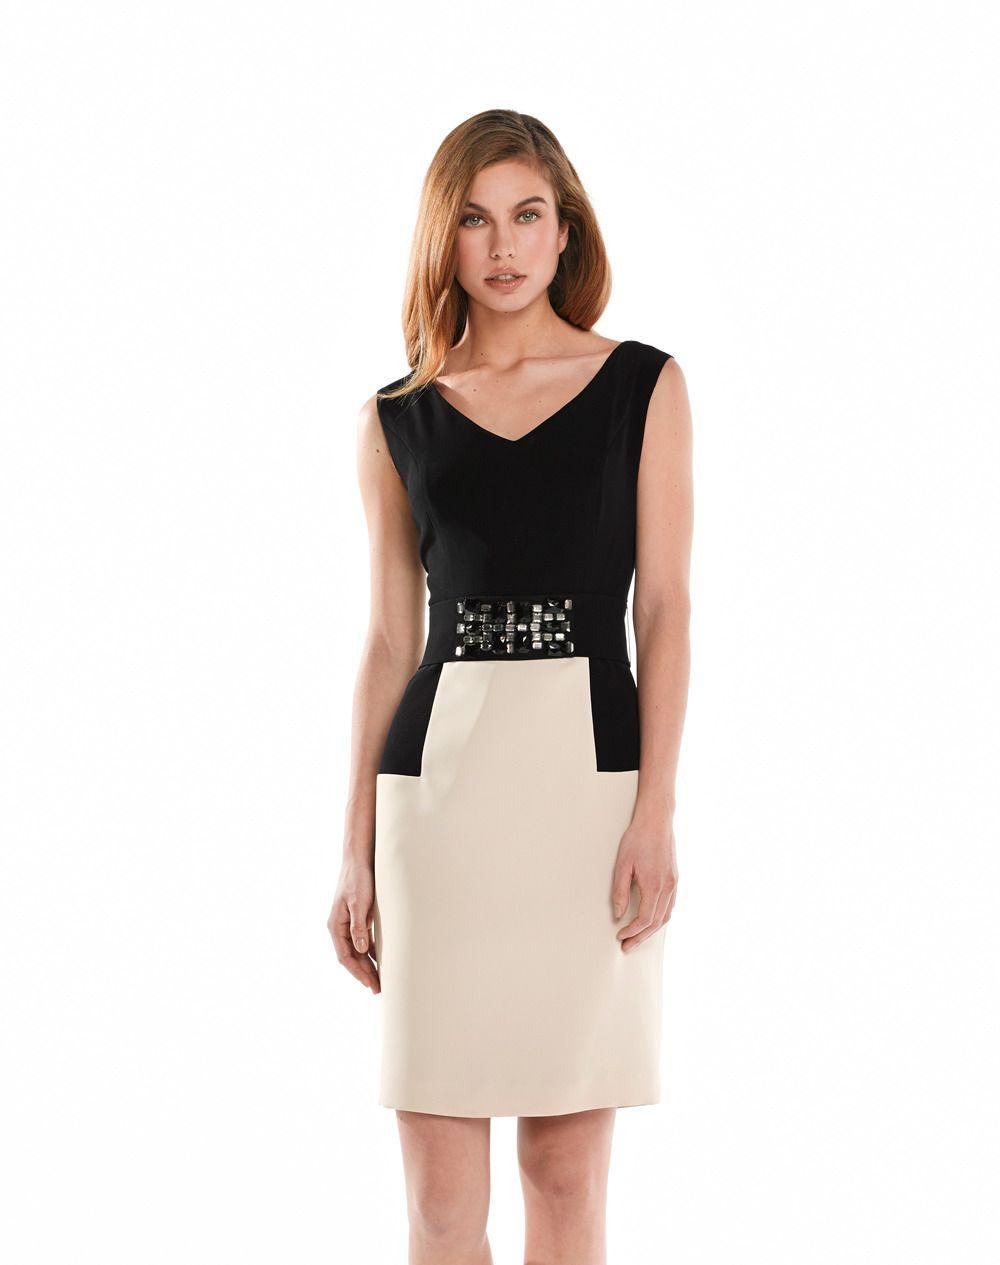 Vestido Síntesis - Mujer - Vestidos - El Corte Inglés - Moda  0d6891226f25